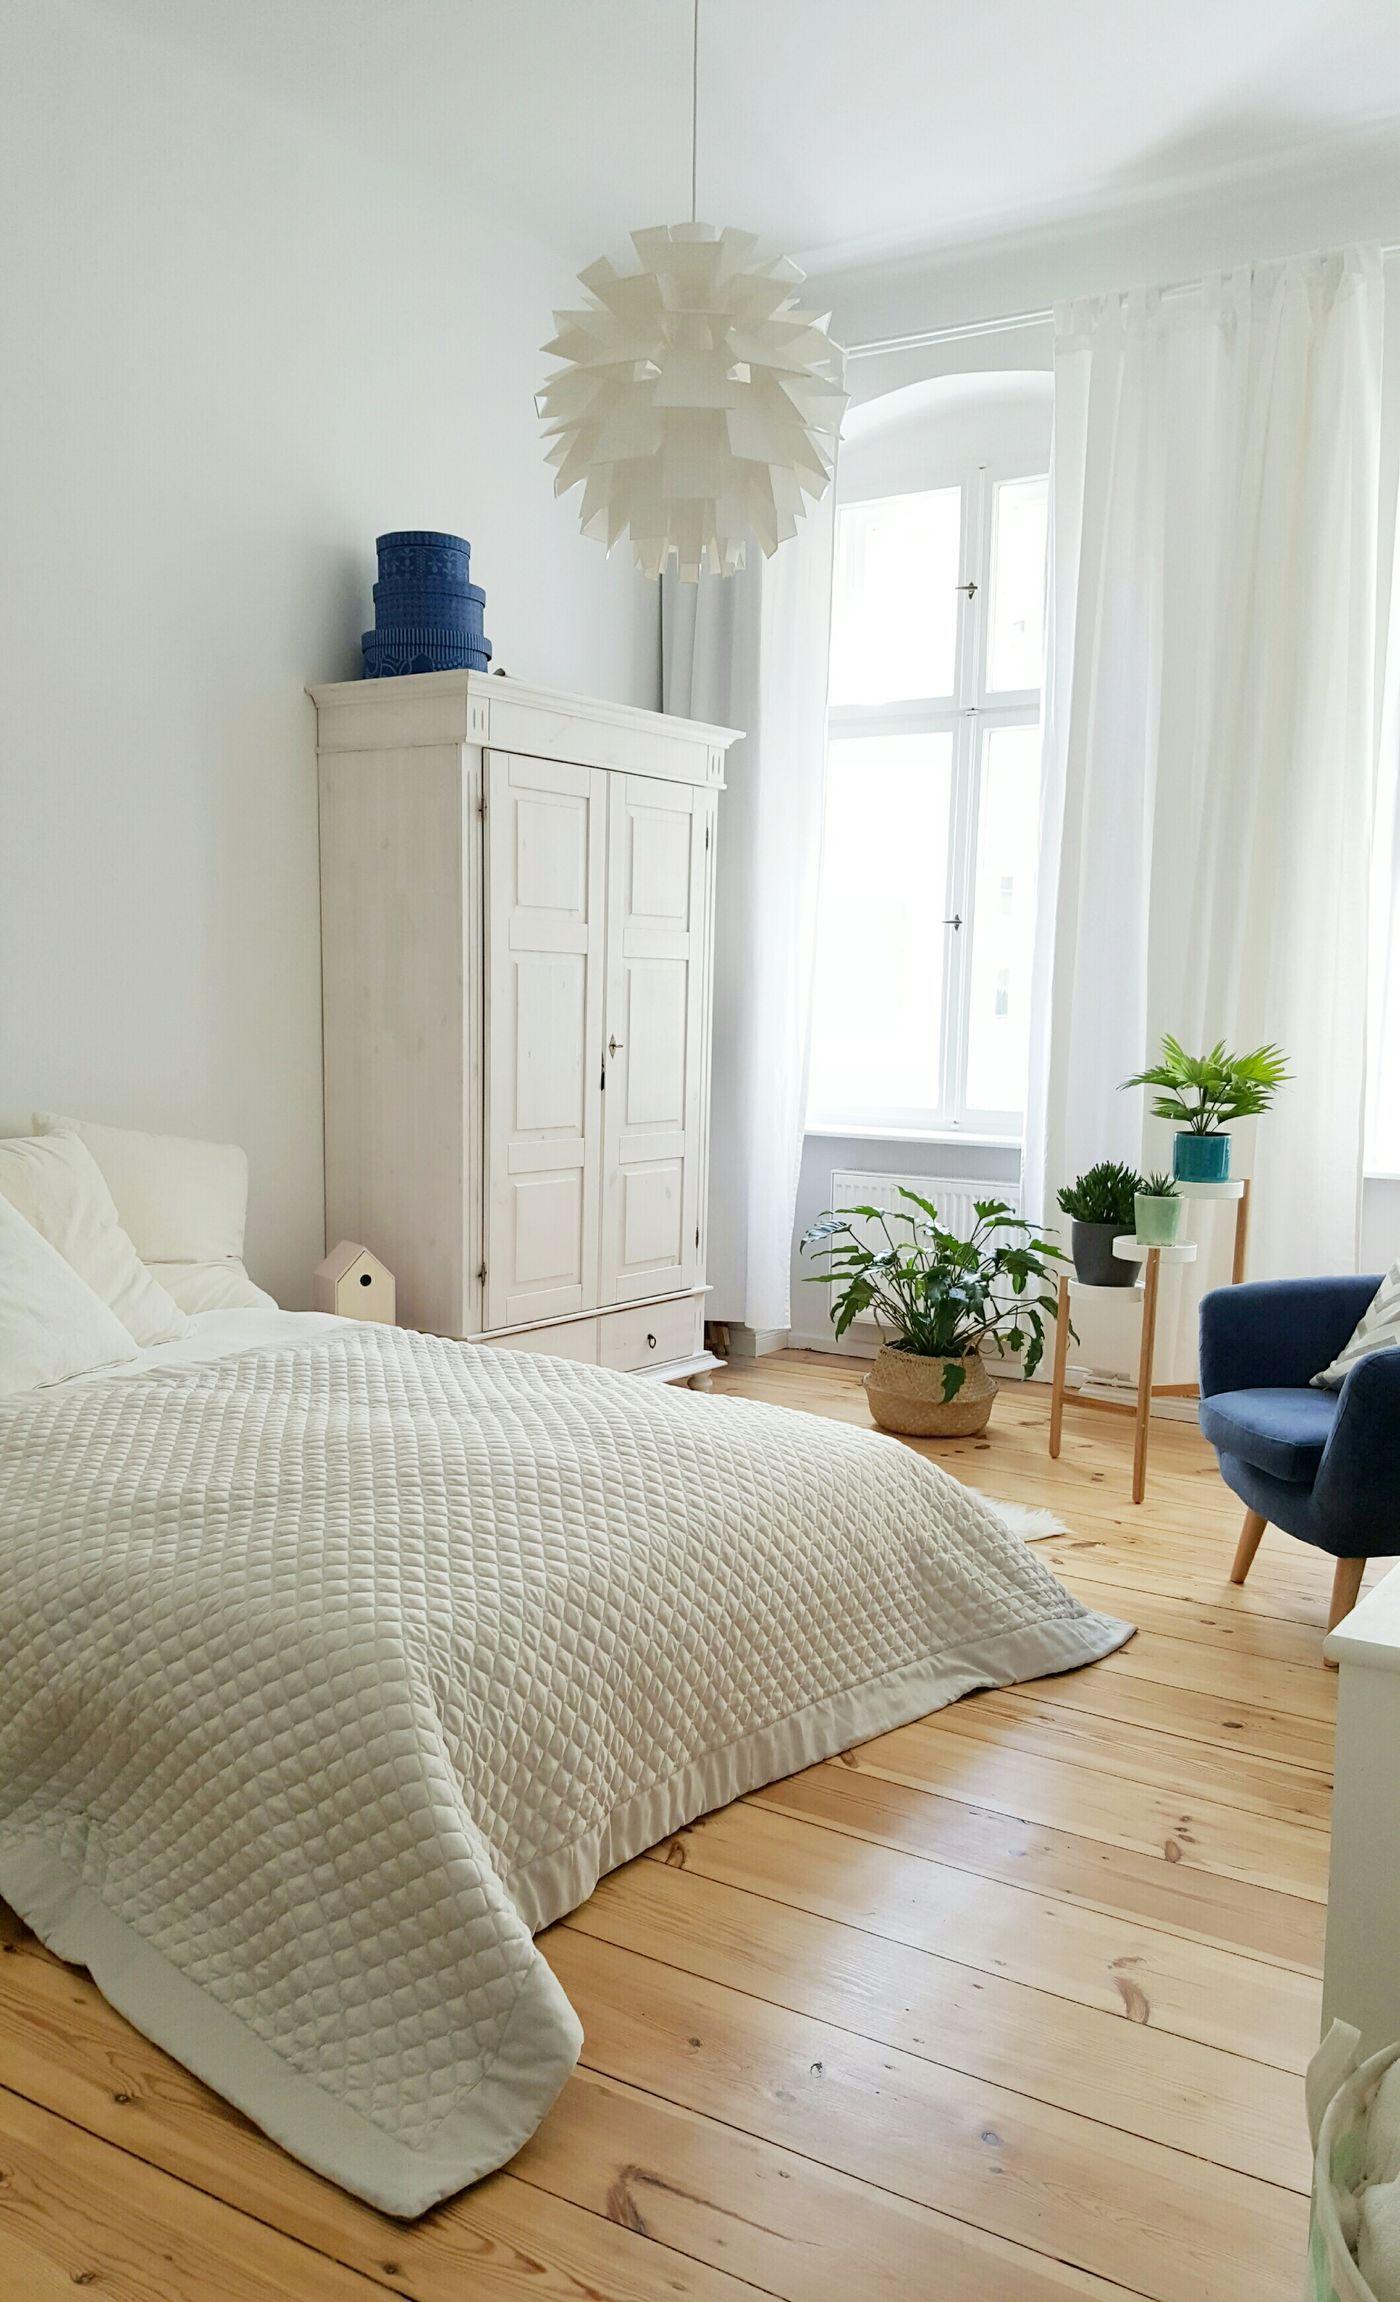 die sch nsten ideen f r dein bett. Black Bedroom Furniture Sets. Home Design Ideas